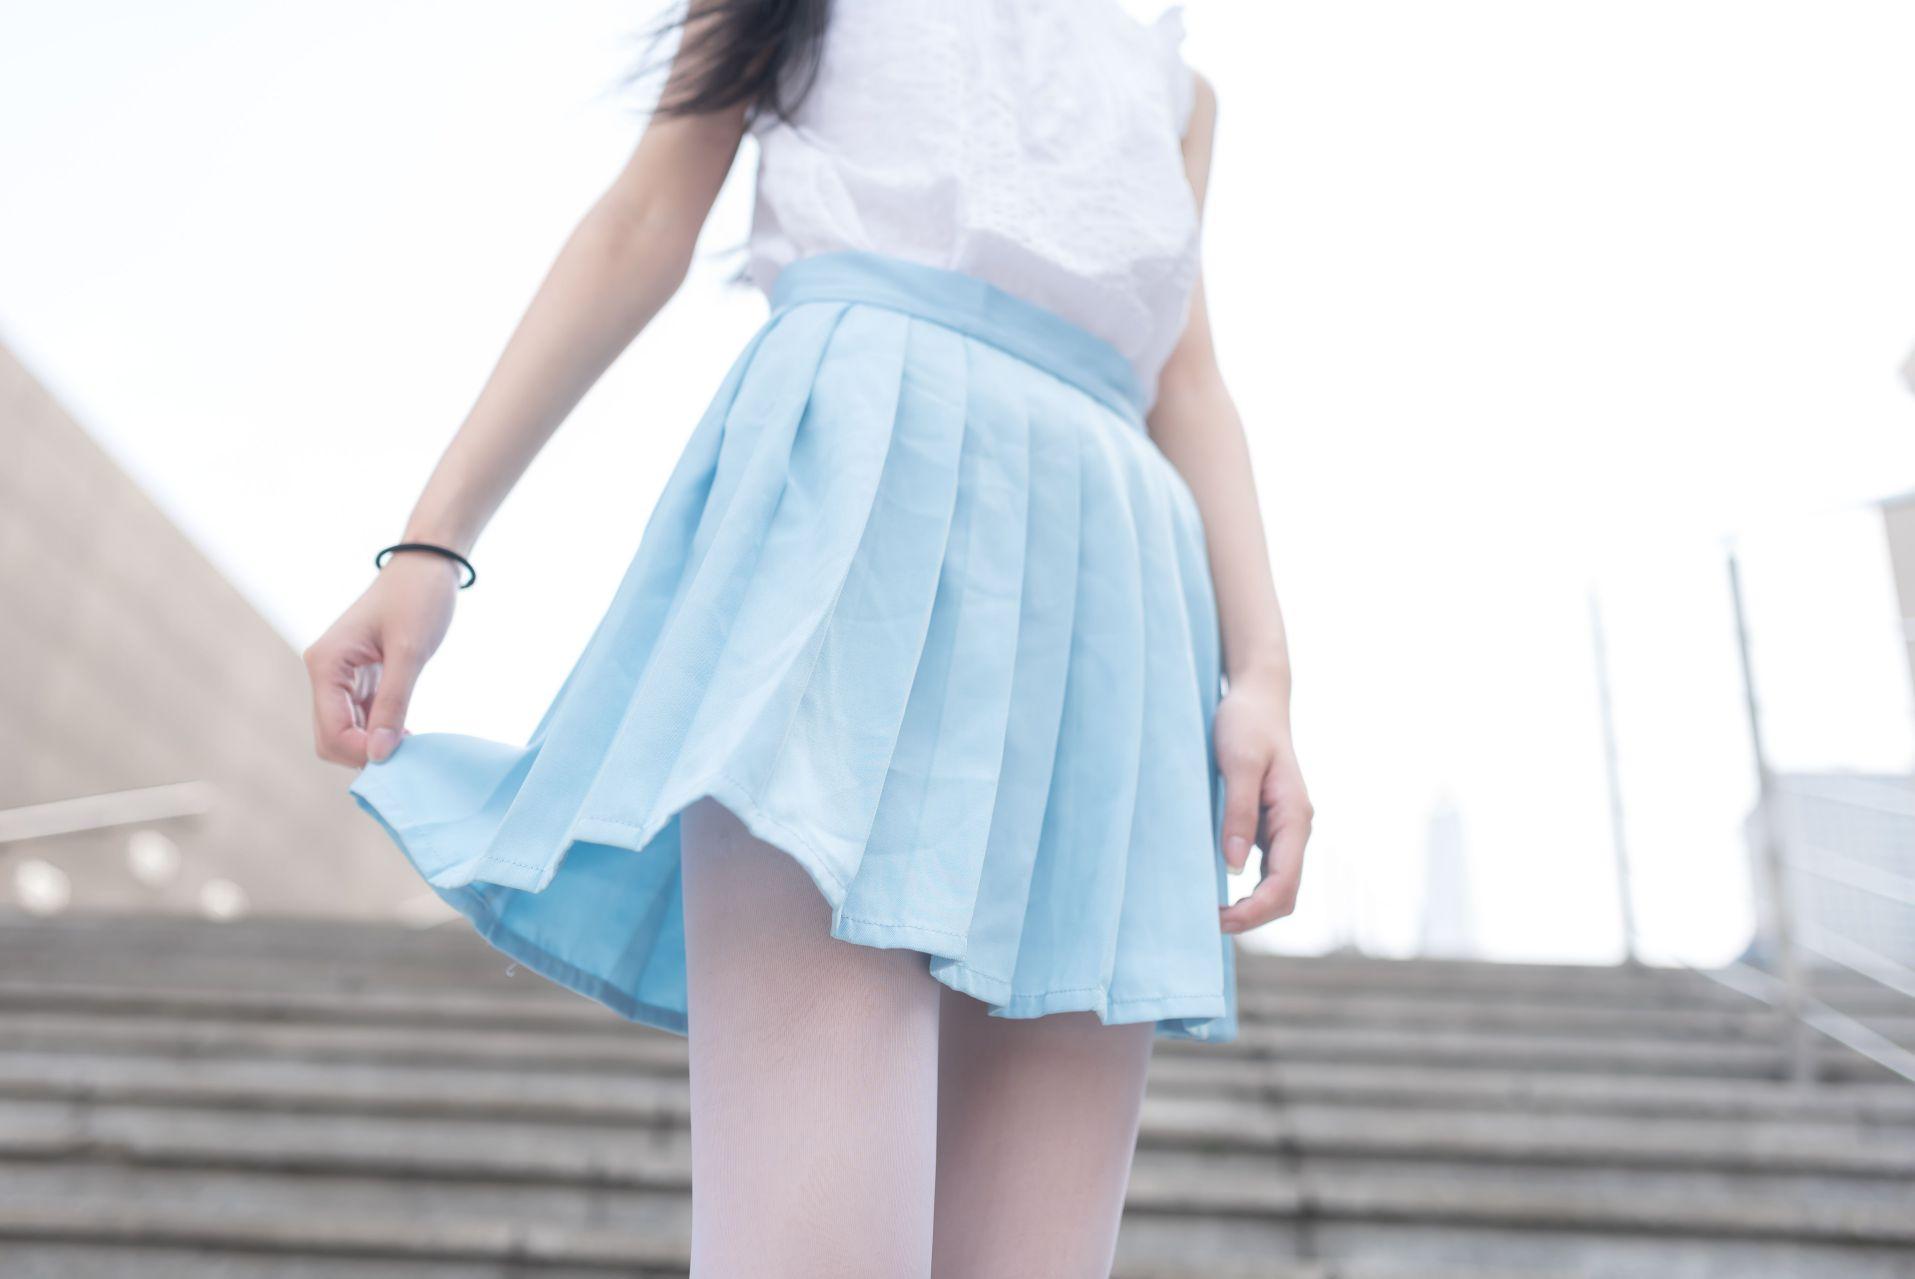 【风之领域】风之领域写真 NO.028 蓝色梦幻白丝 [50P-182MB] 风之领域 第5张